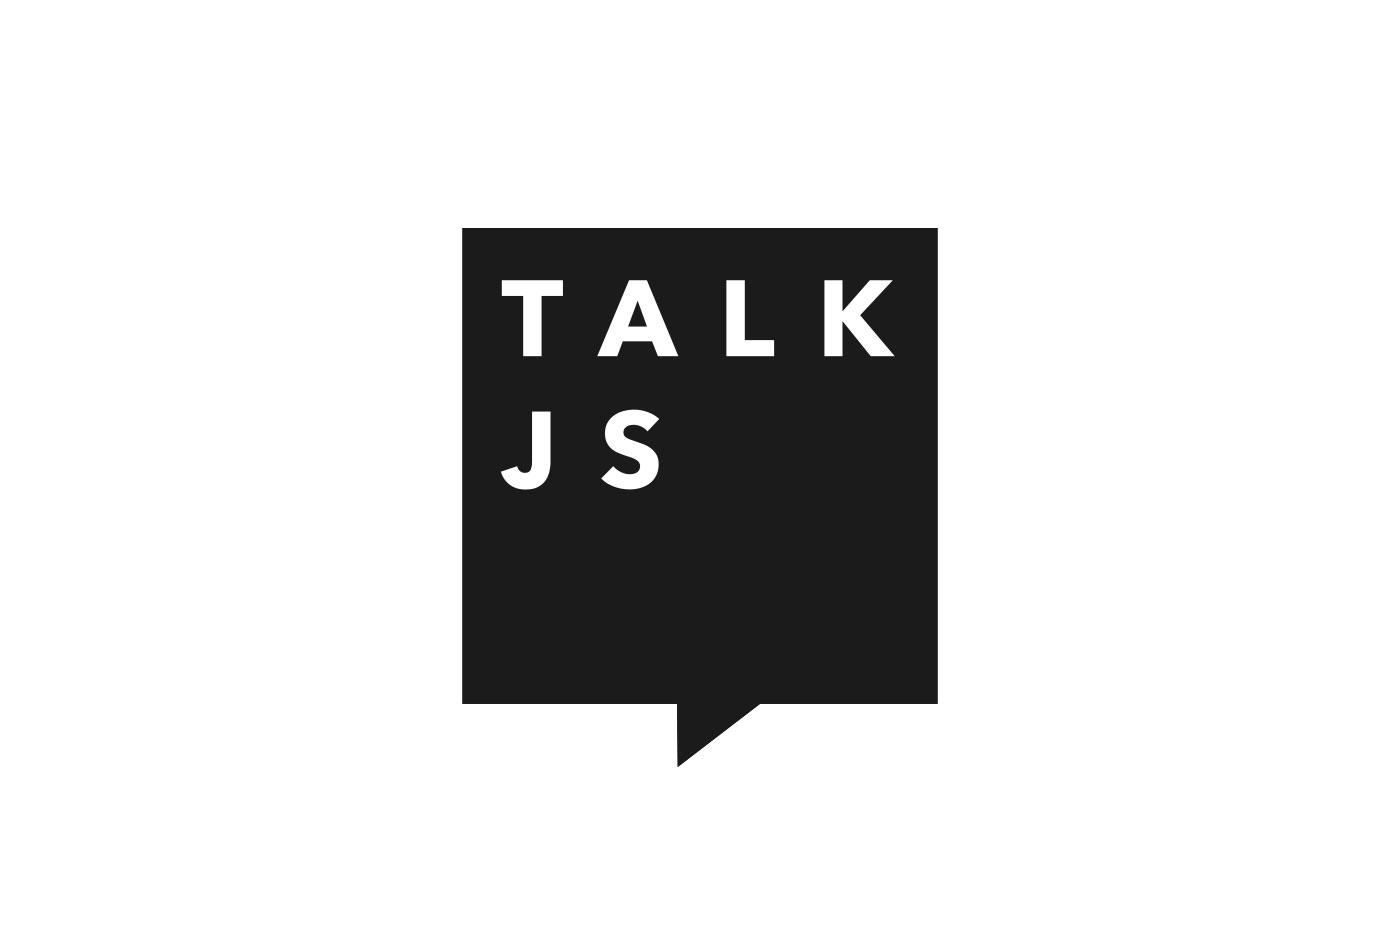 TalkJS